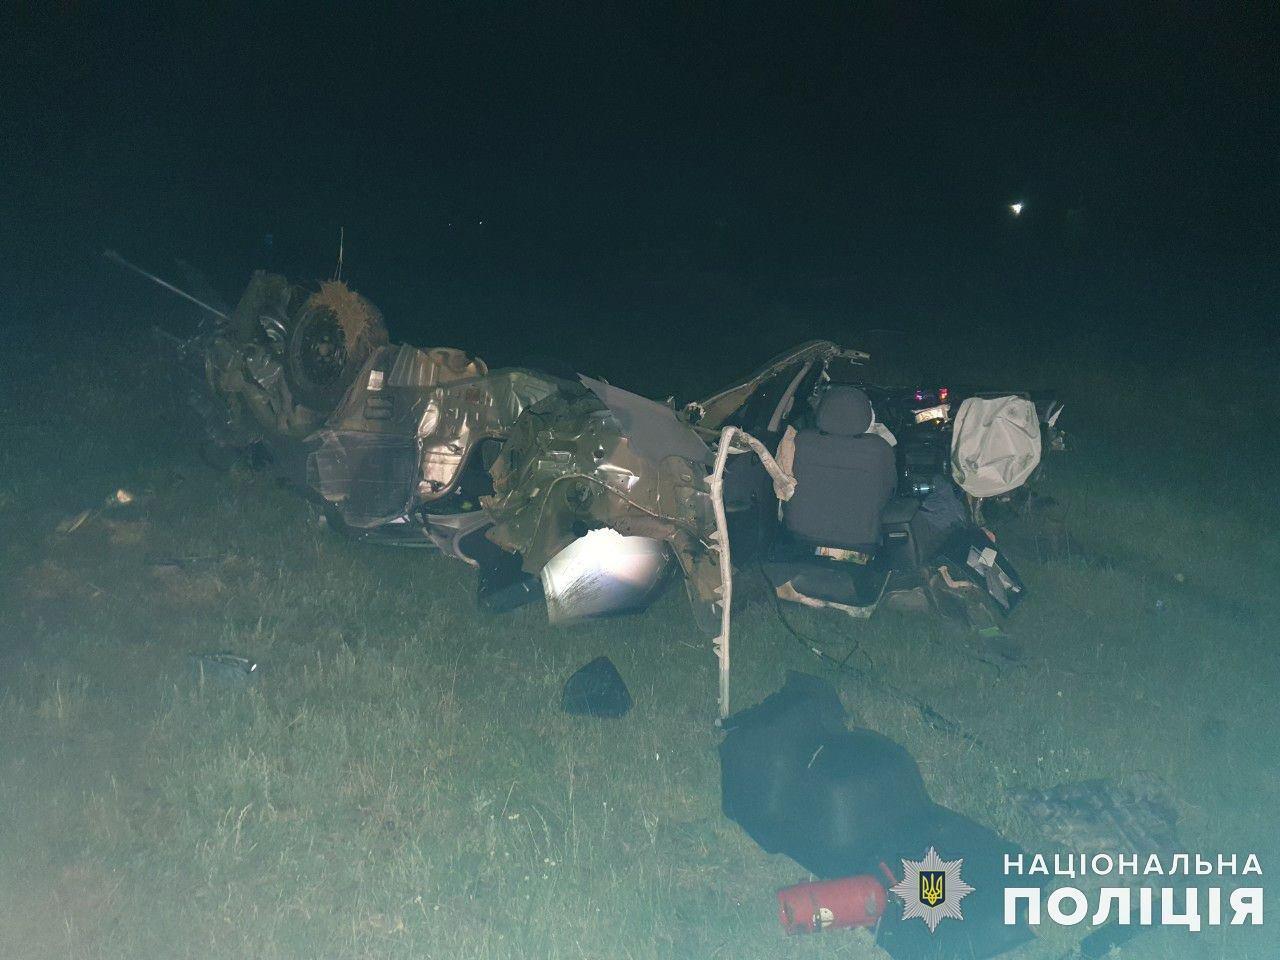 На Николаевщине в результате ДТП погибли два человека, - ФОТО, фото-2